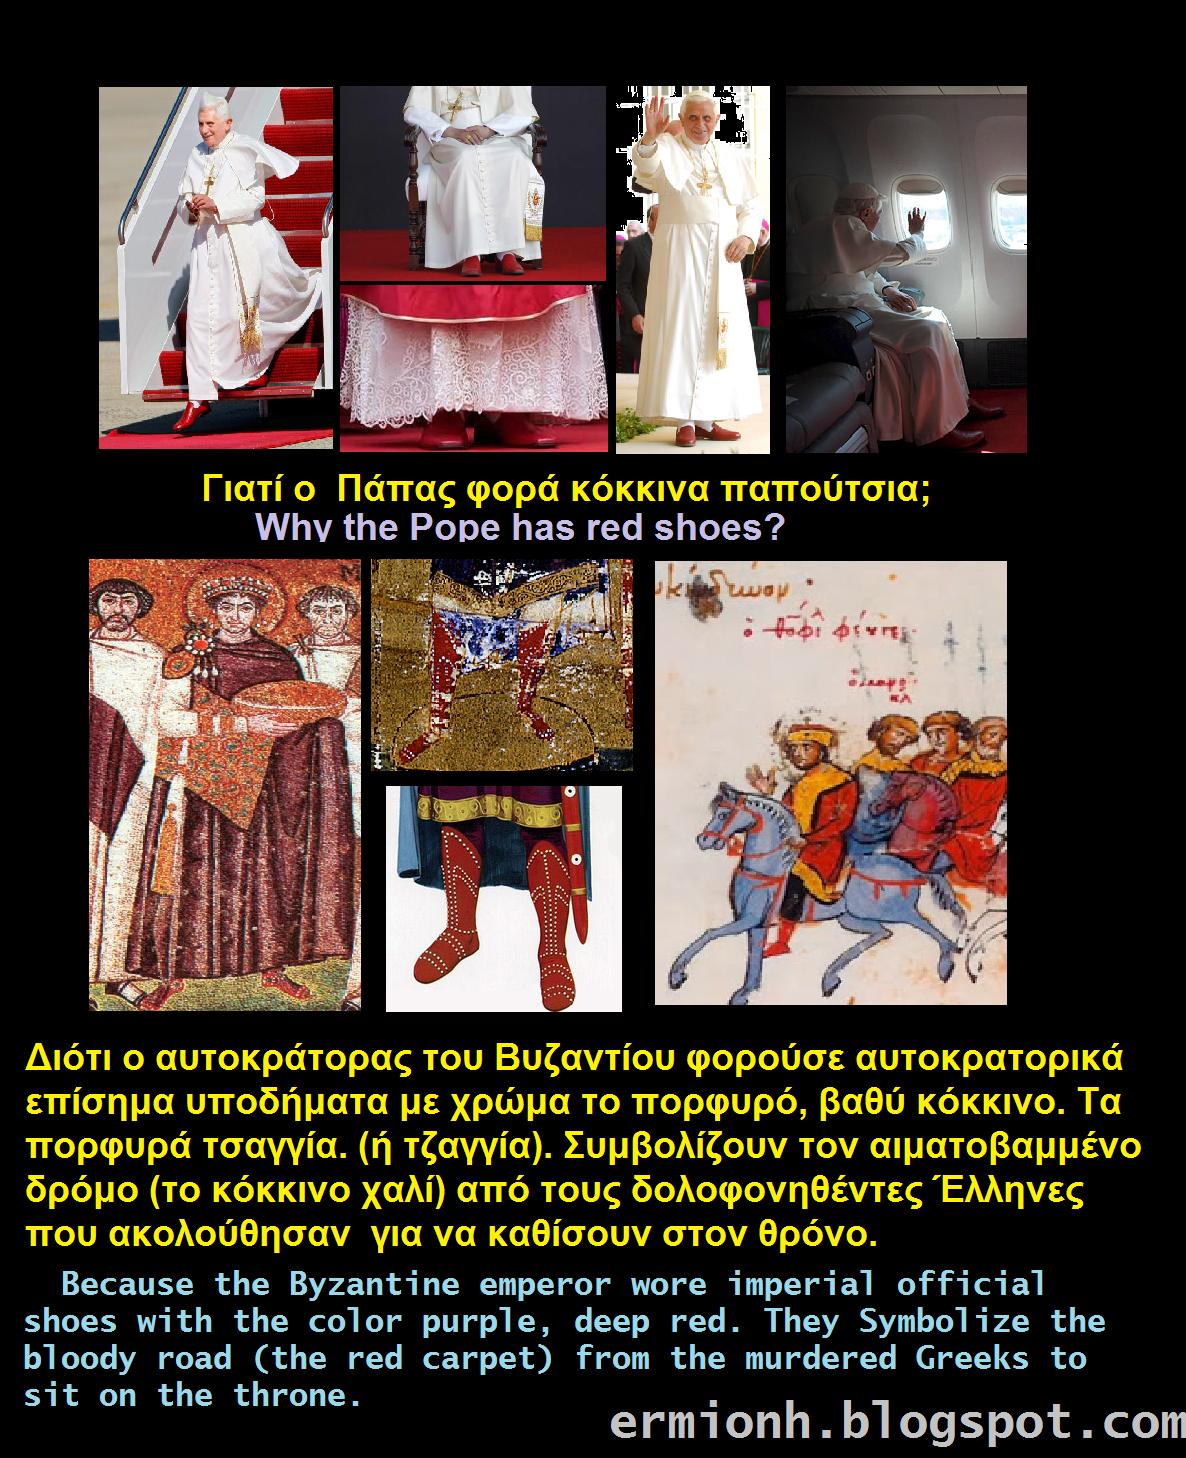 Γιατί ο πάπας φορά κόκκινα παπούτσια; Why the Pope has red shoes?